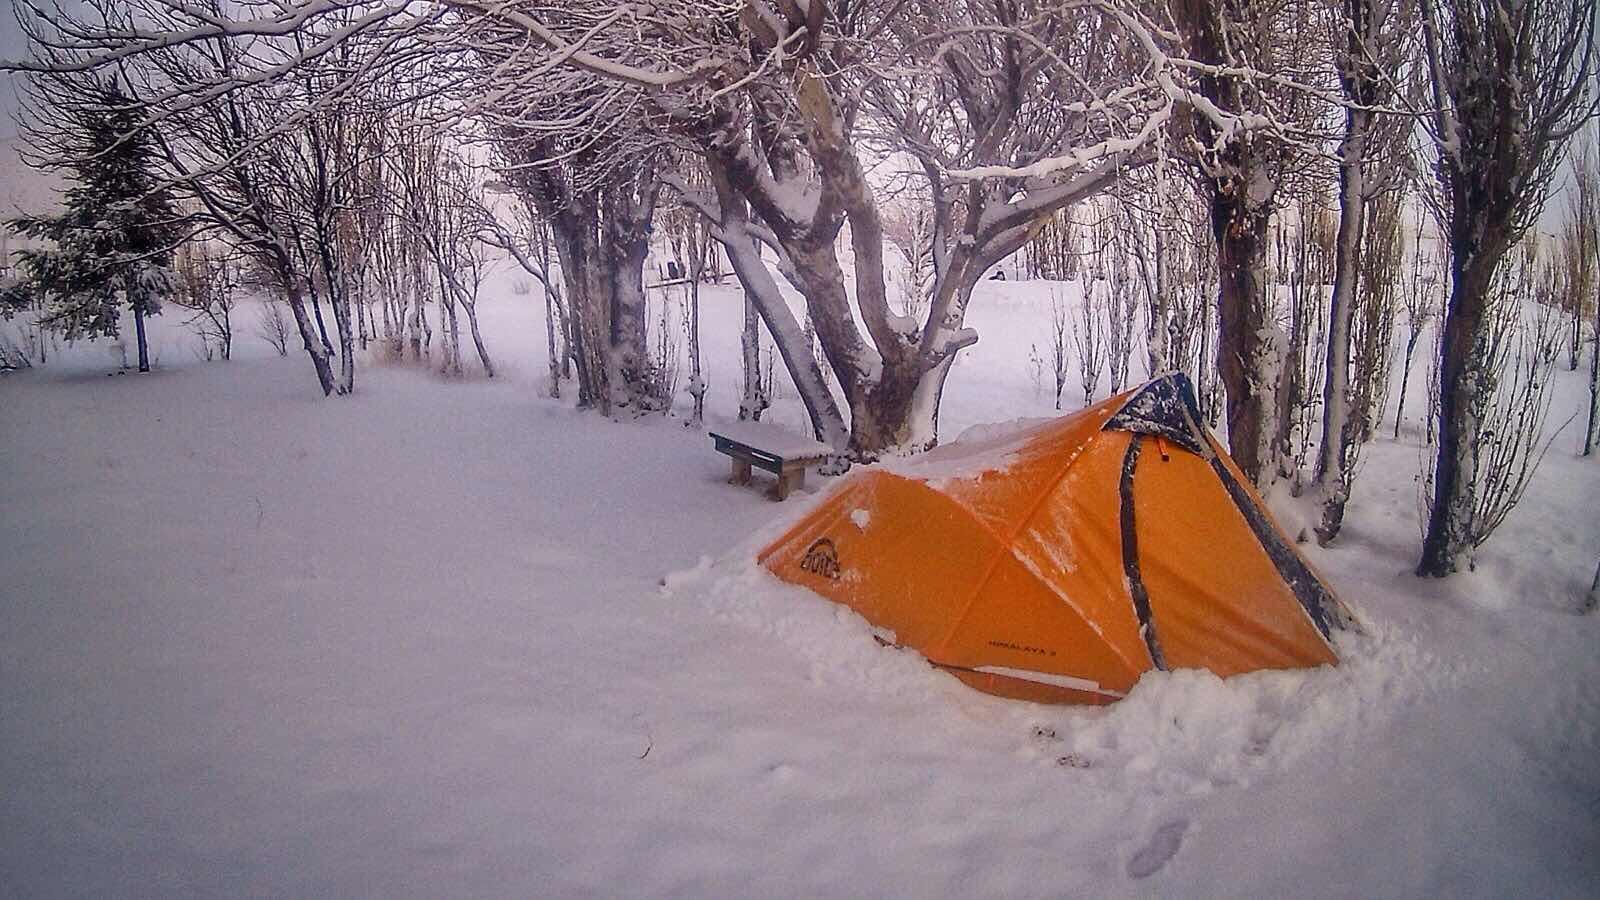 Acampando en nieve en Patagonia Argentina